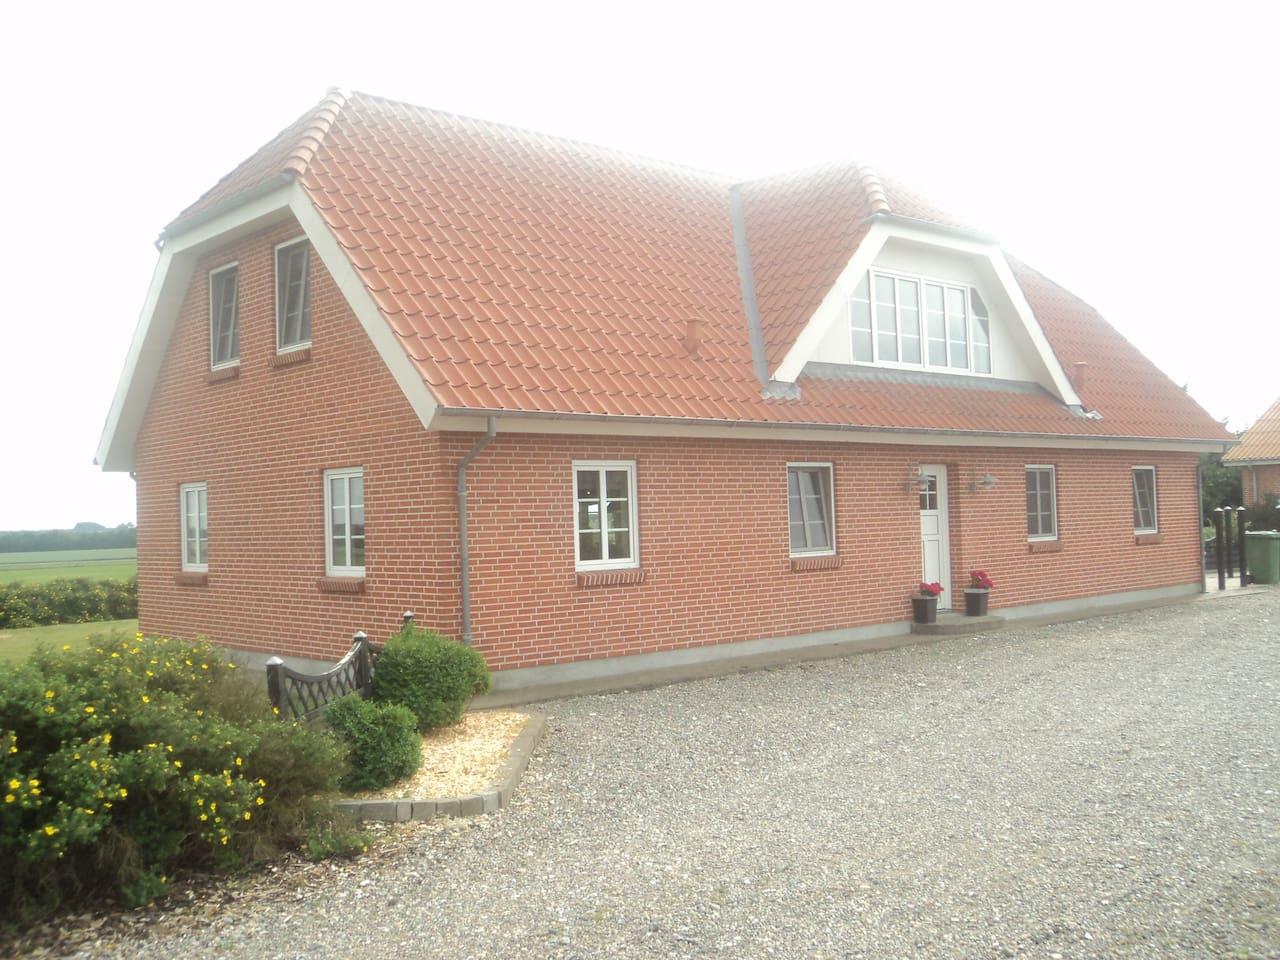 Huset udefra - stor gårdsplads foran og have bagved.